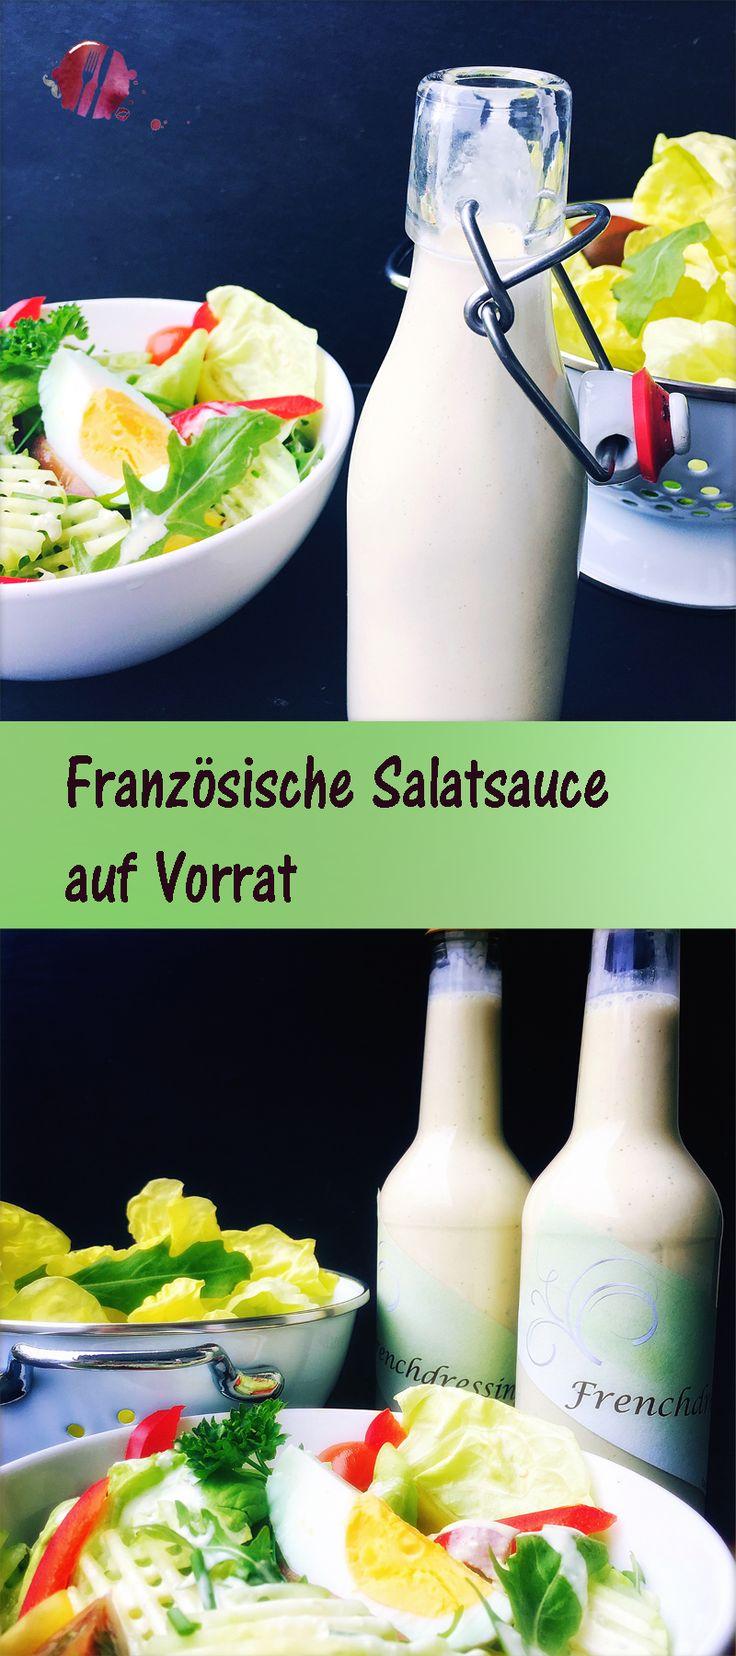 Diese Salatsacue, auch als French Dressing bekannt, kann sehr gut auf Vorrat hergestellt werden. Das Rezept stammt aus einem schweizer Restaurant. Es ist wohl die beste Salatsauce die wir kennen.